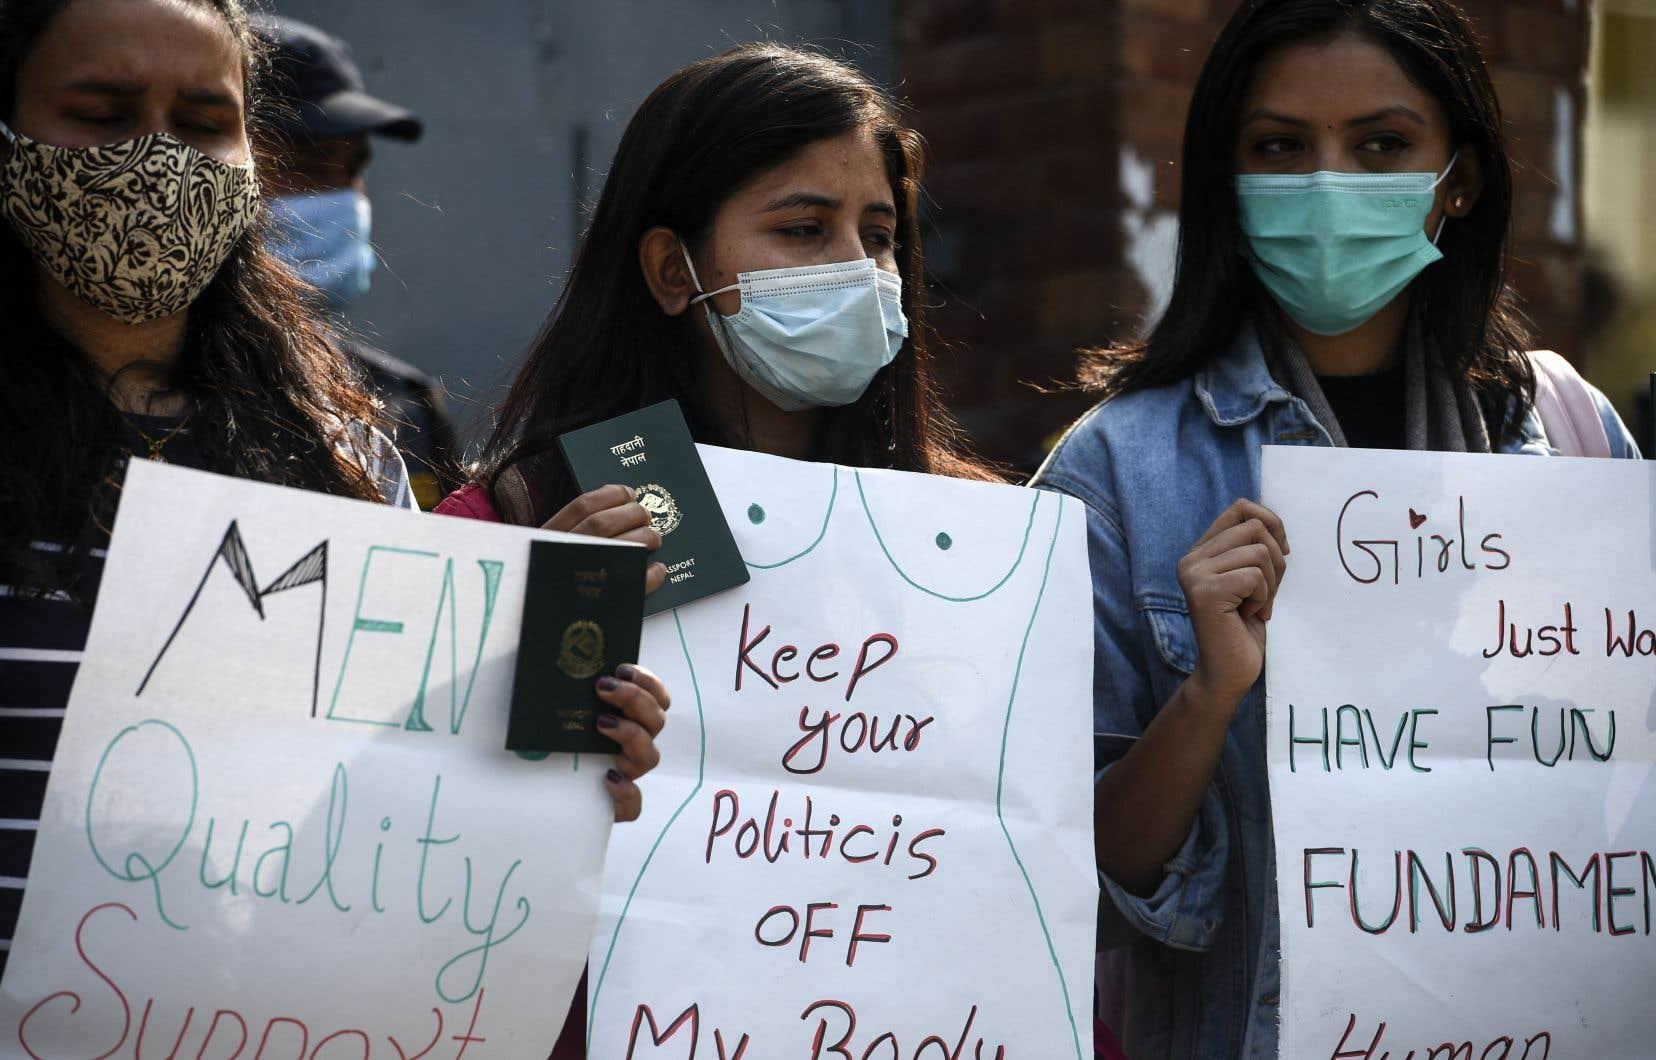 Des militantes des droits des femmes tiennent des pancartes devant le bureau du ministère de l'Immigration du Népal lors d'une manifestation à Katmandou le 11 février 2021.